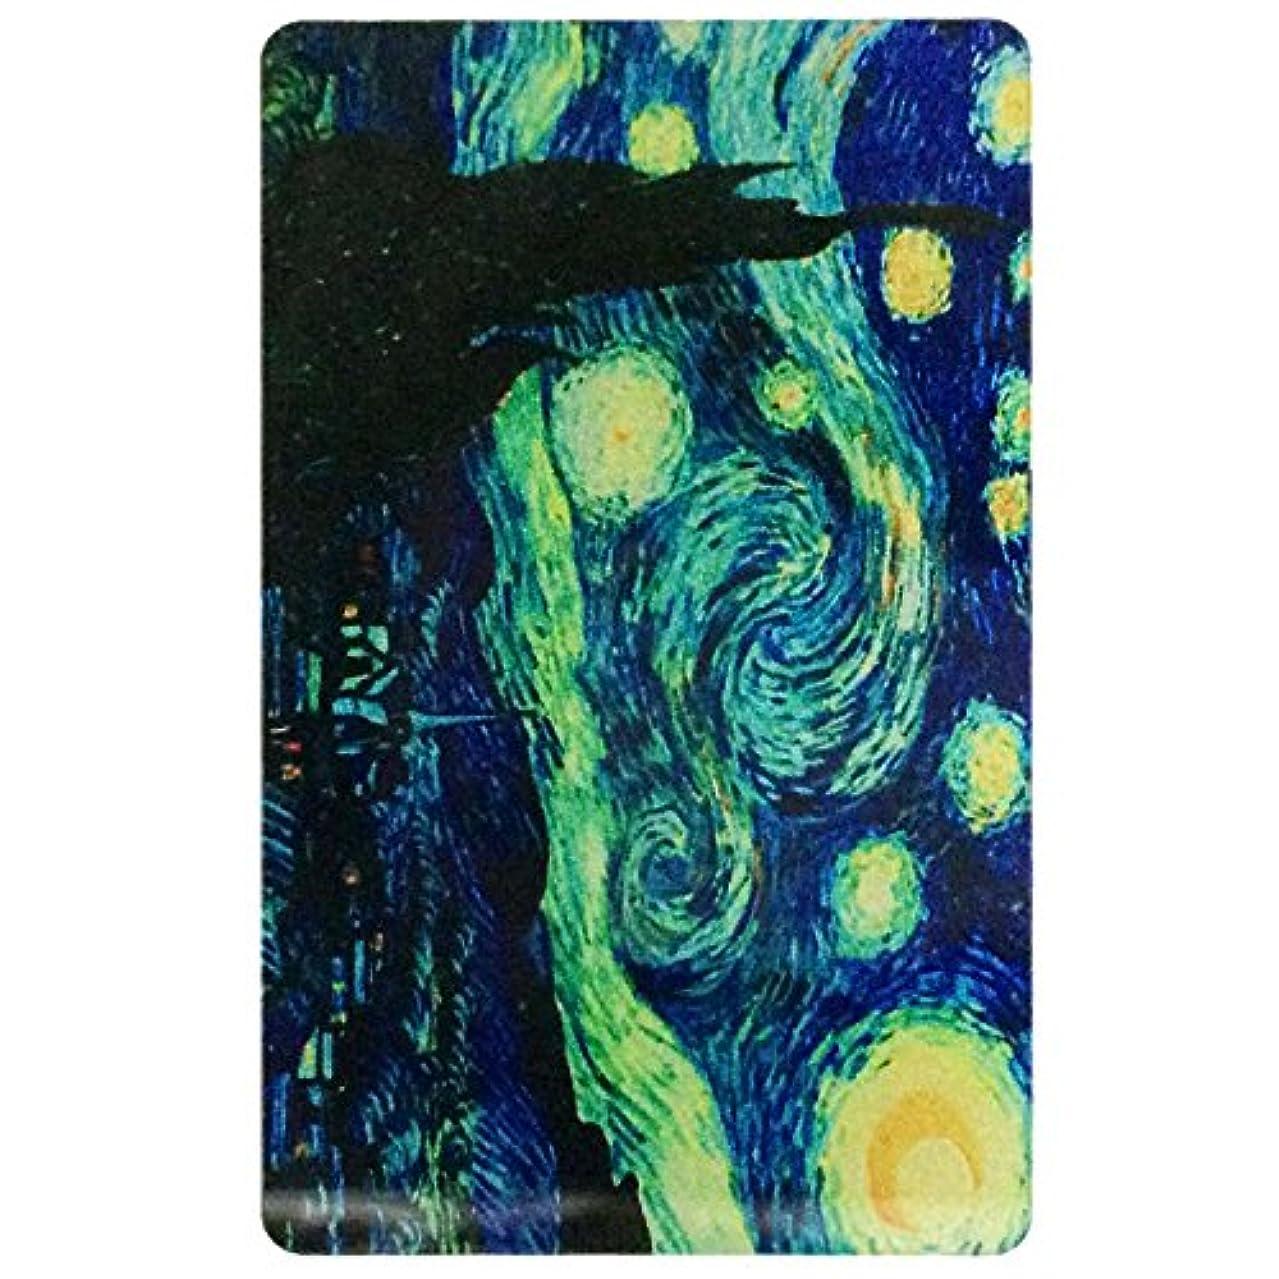 簡単に止まるプレゼントカードサイズミラー MA02 カード ミラー 手鏡 コンパクト 手のひら アクリル (MA02)